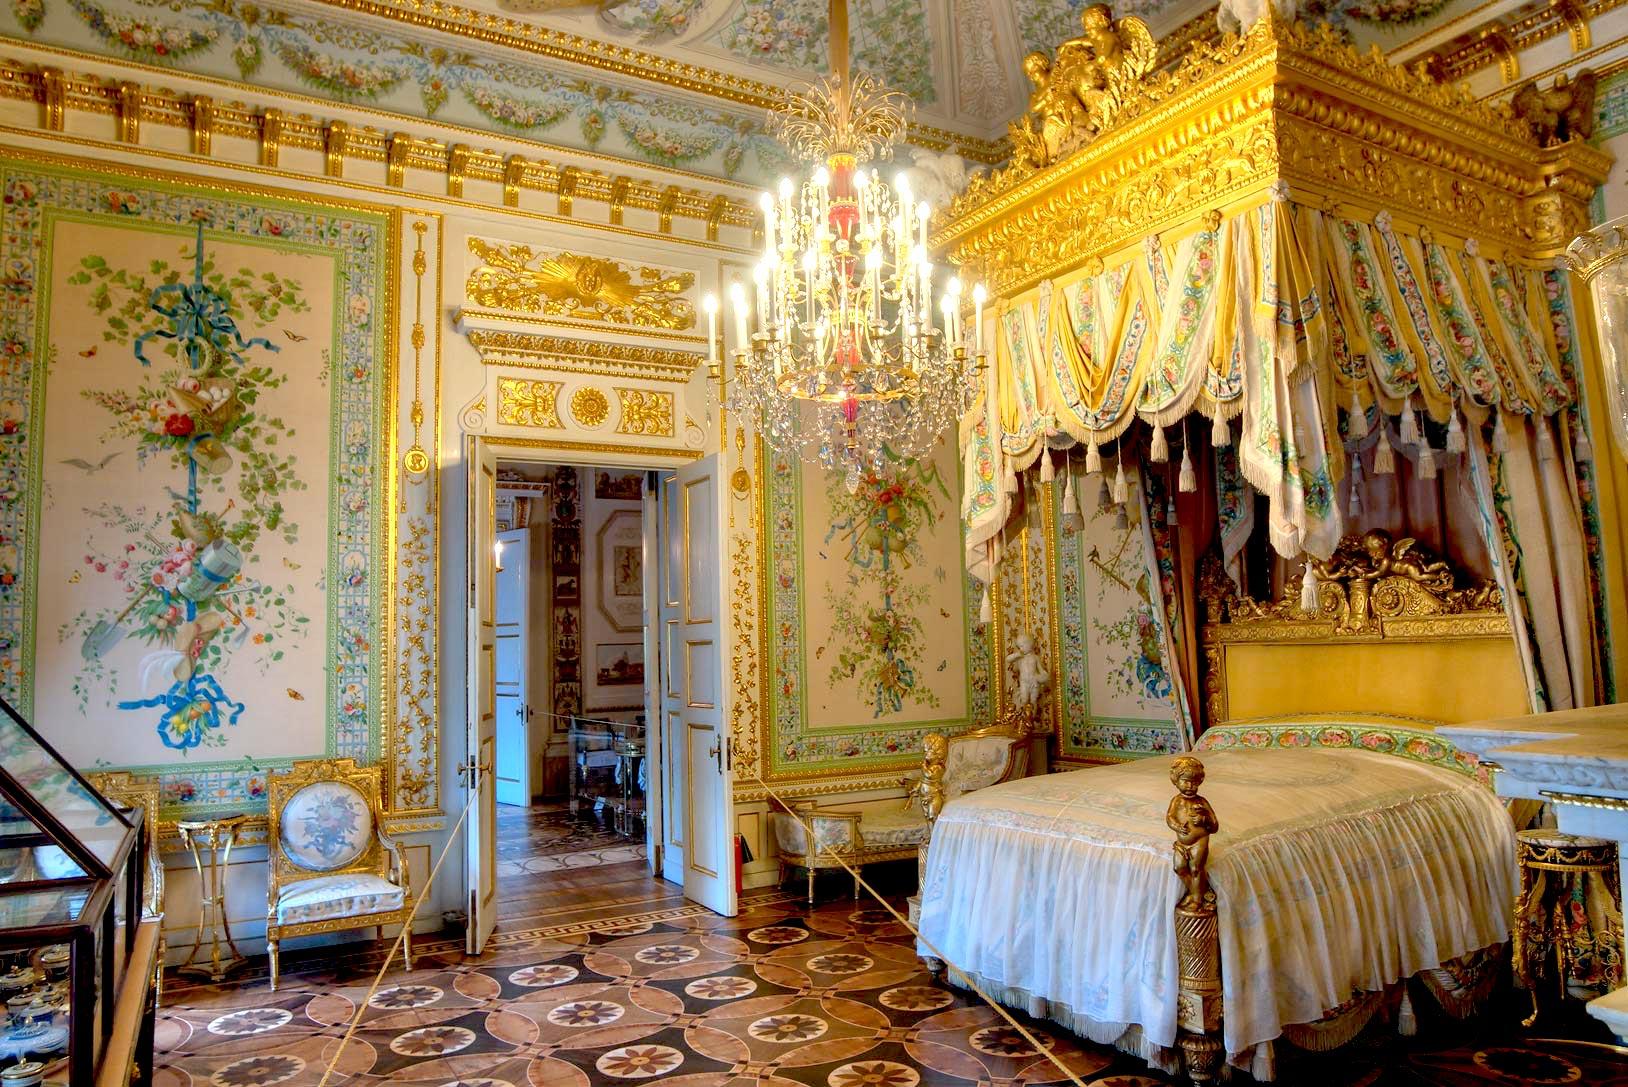 спальня екатерины великой фото все времена многих